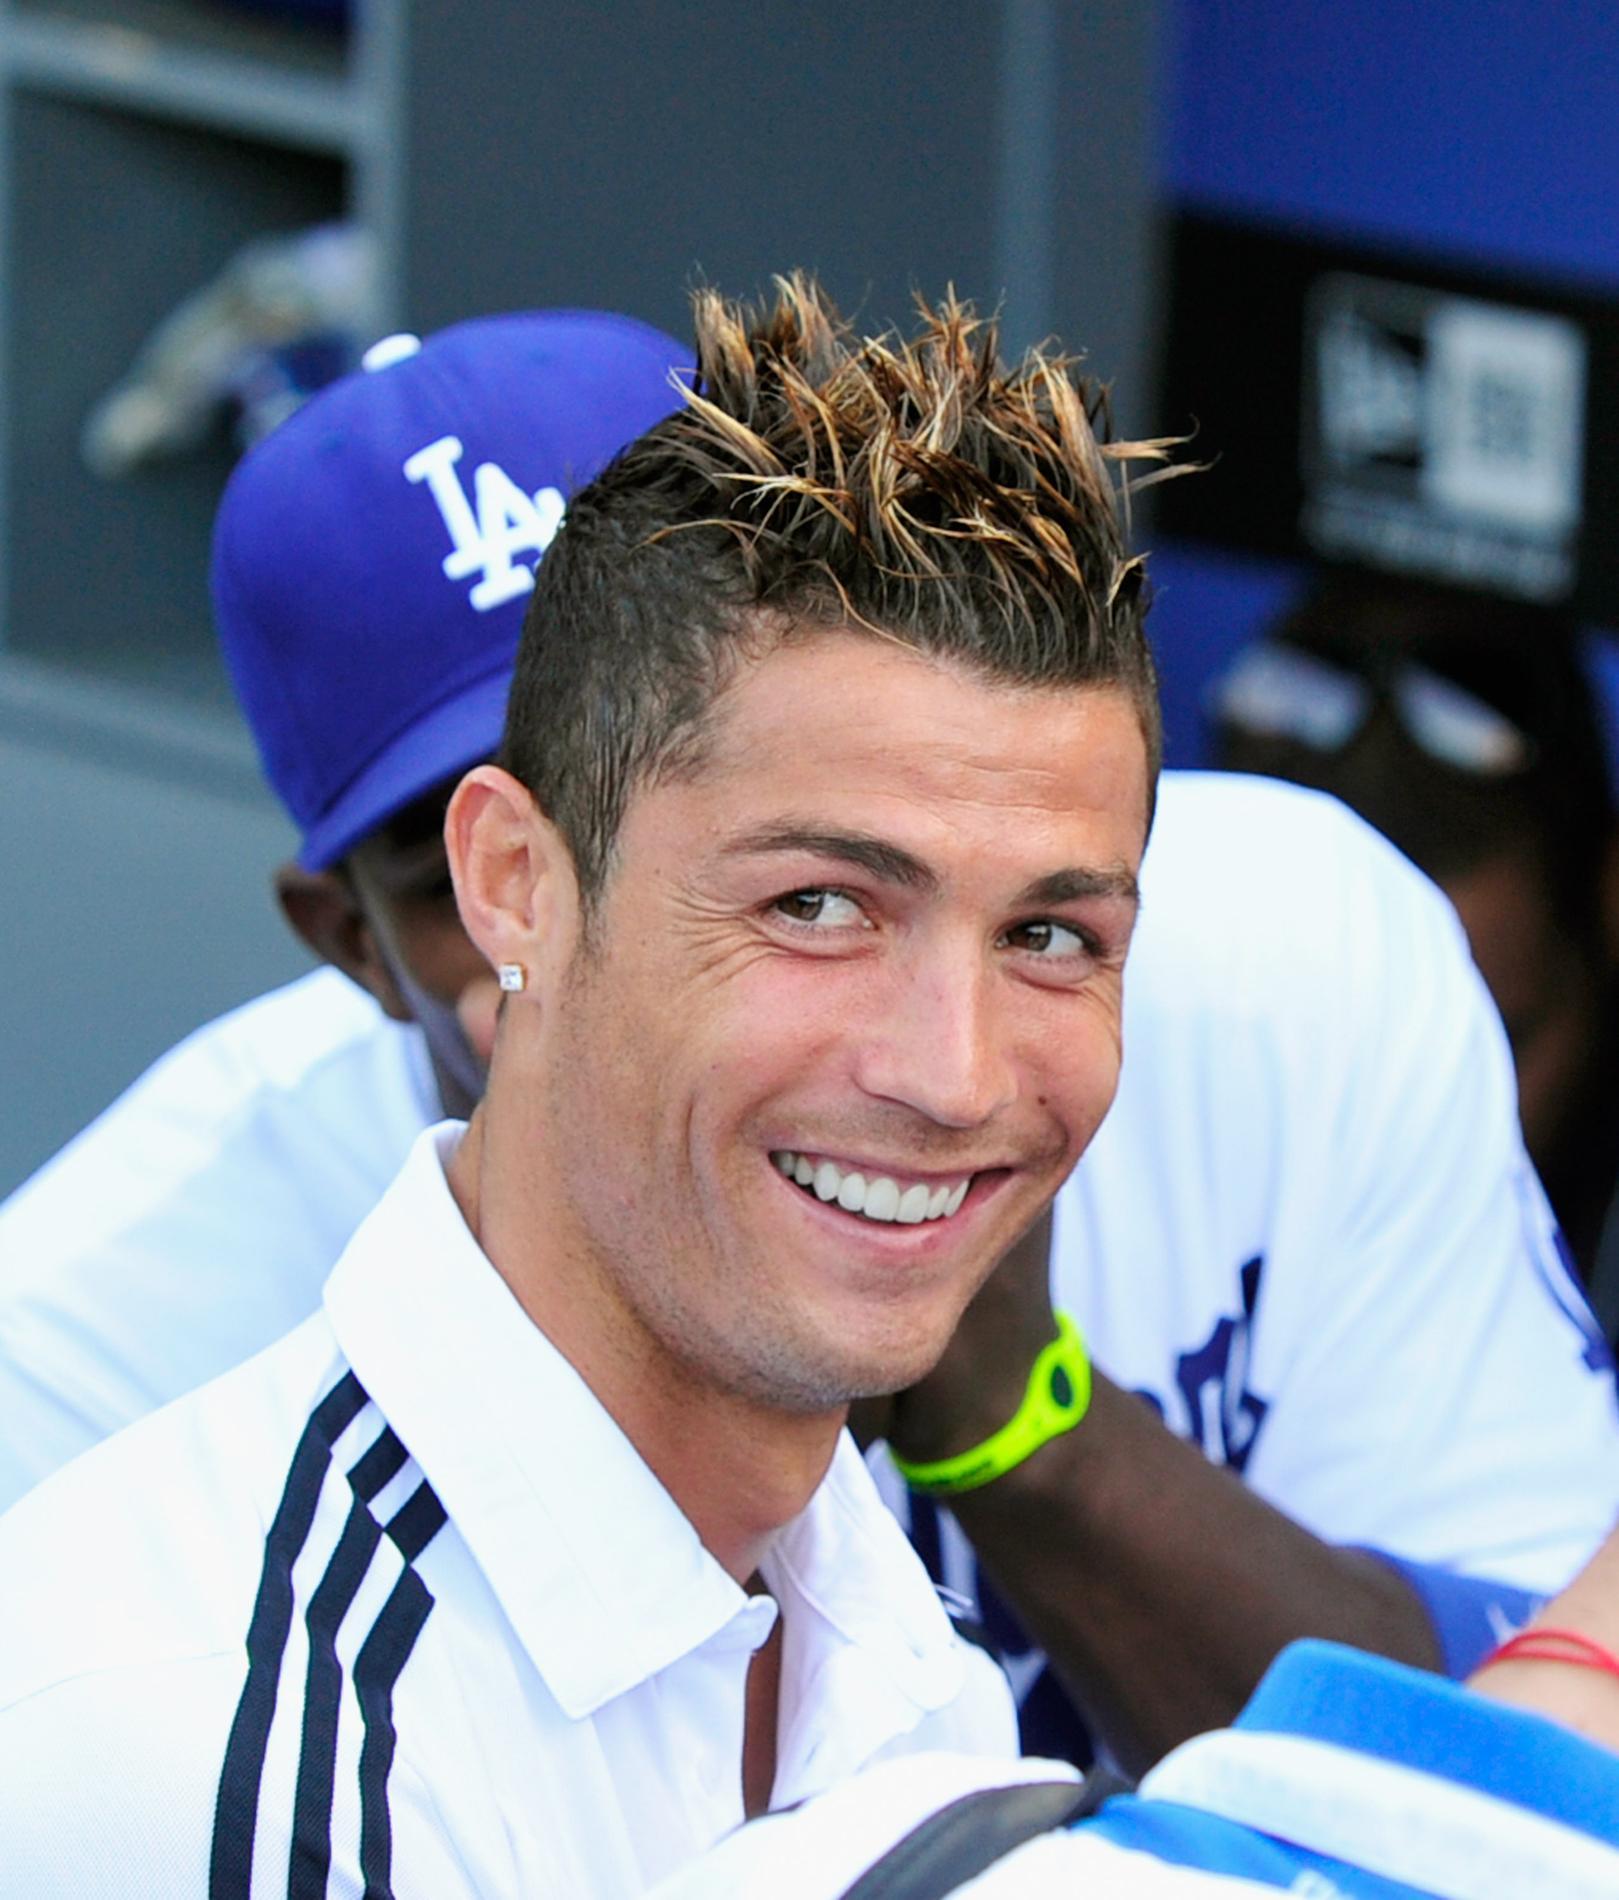 Cristiano Ronaldo et sa coiffure hasardeuse